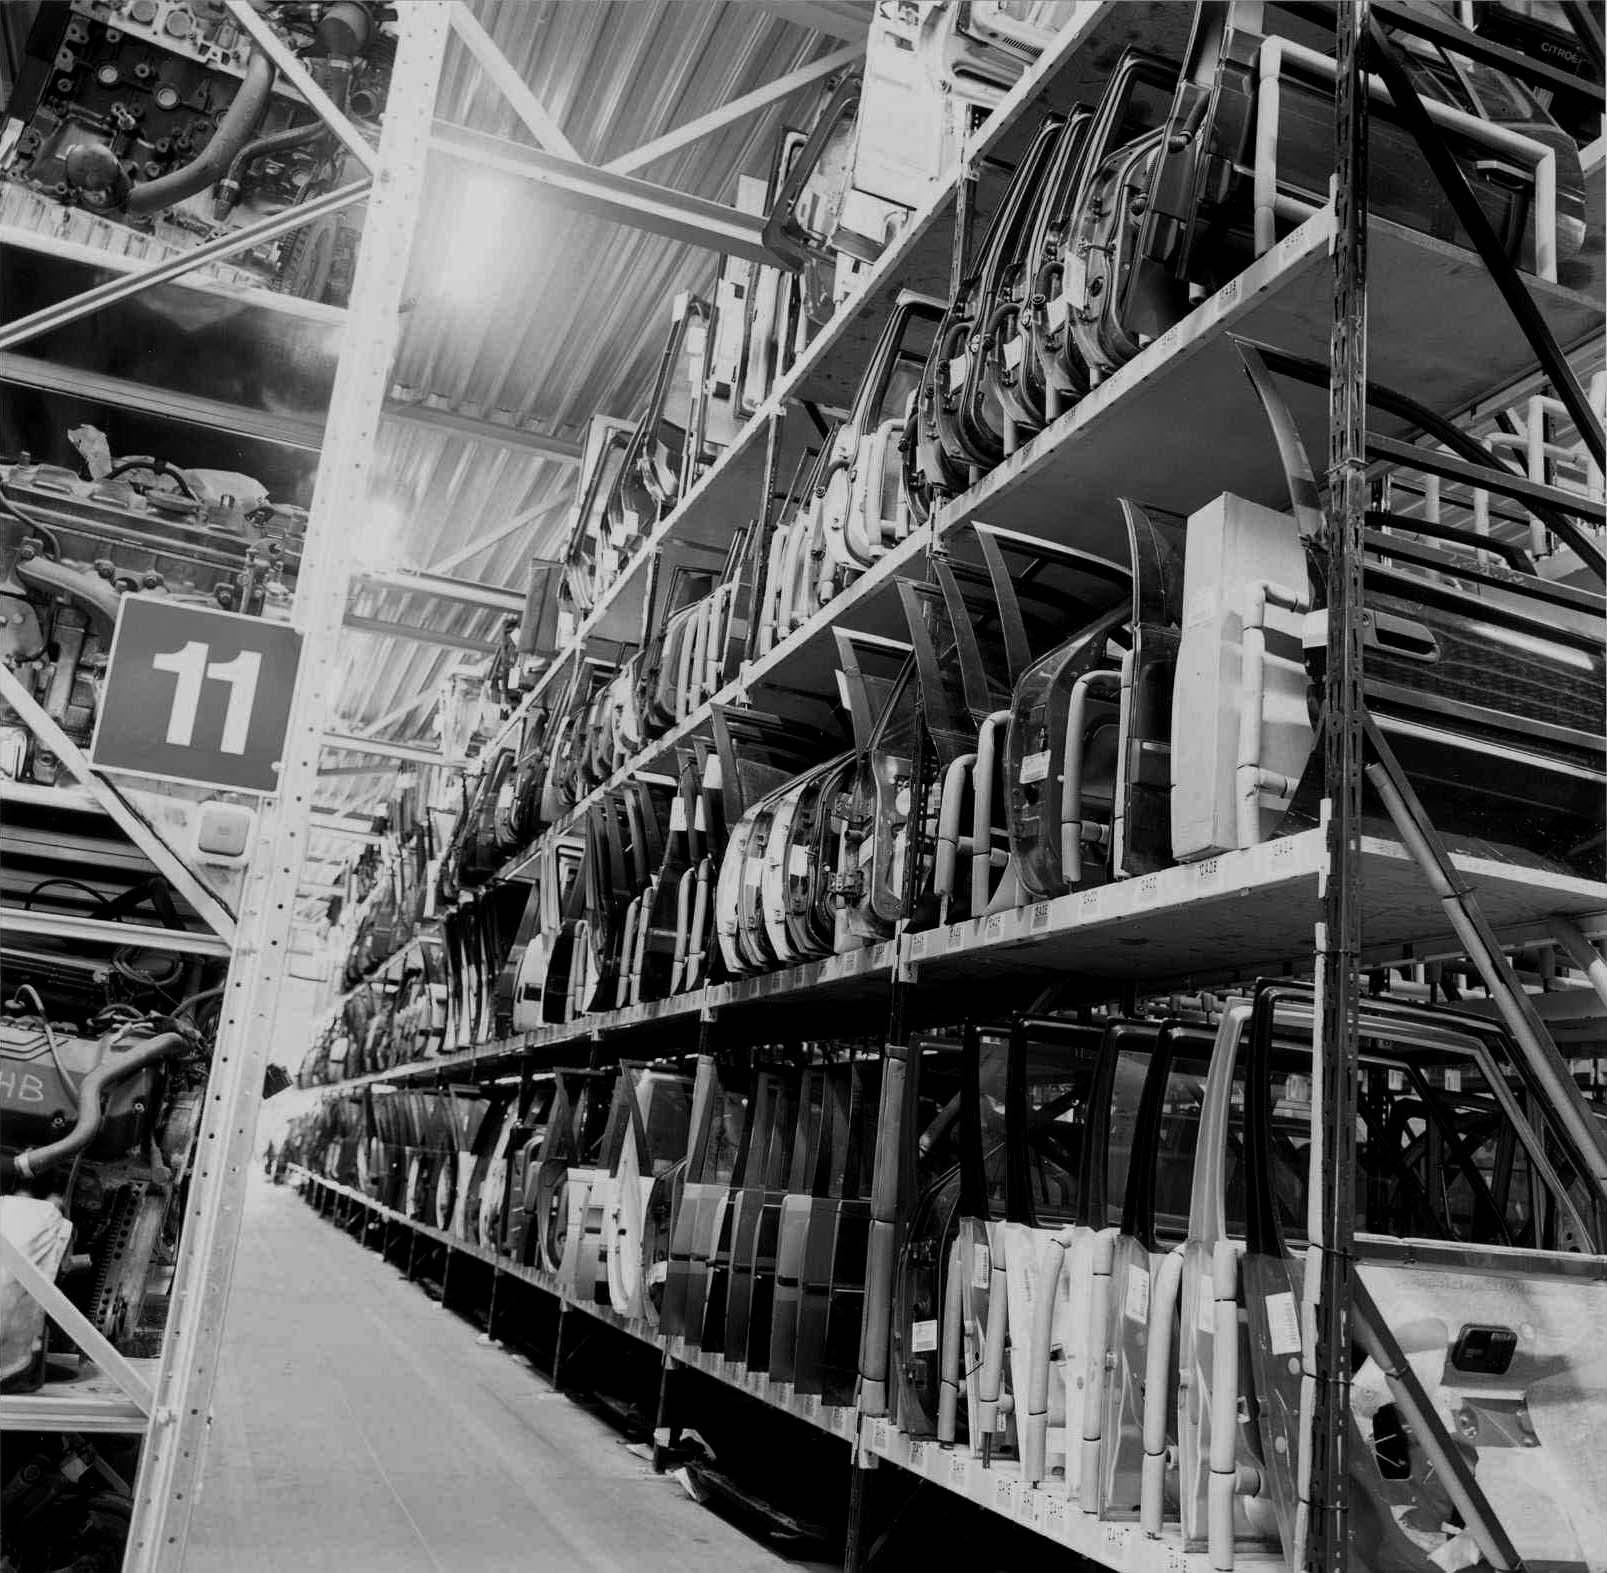 Citroen autosloperij met gebruikte onderdelen in modern magazijn